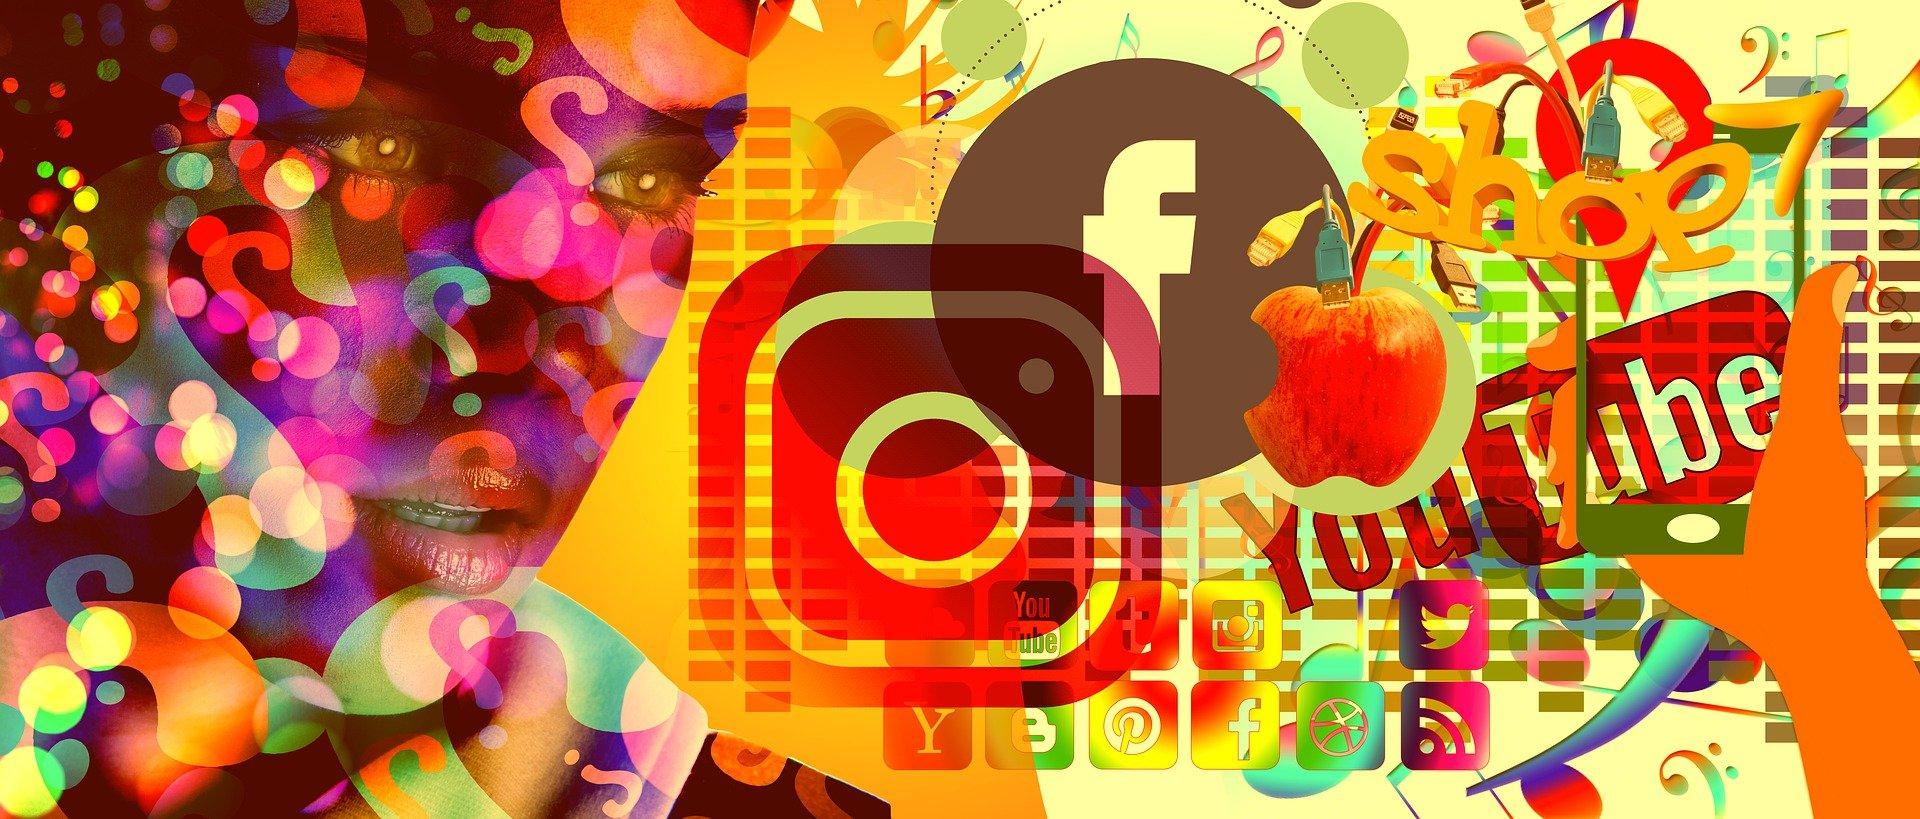 social-media-4394125_1920.jpg